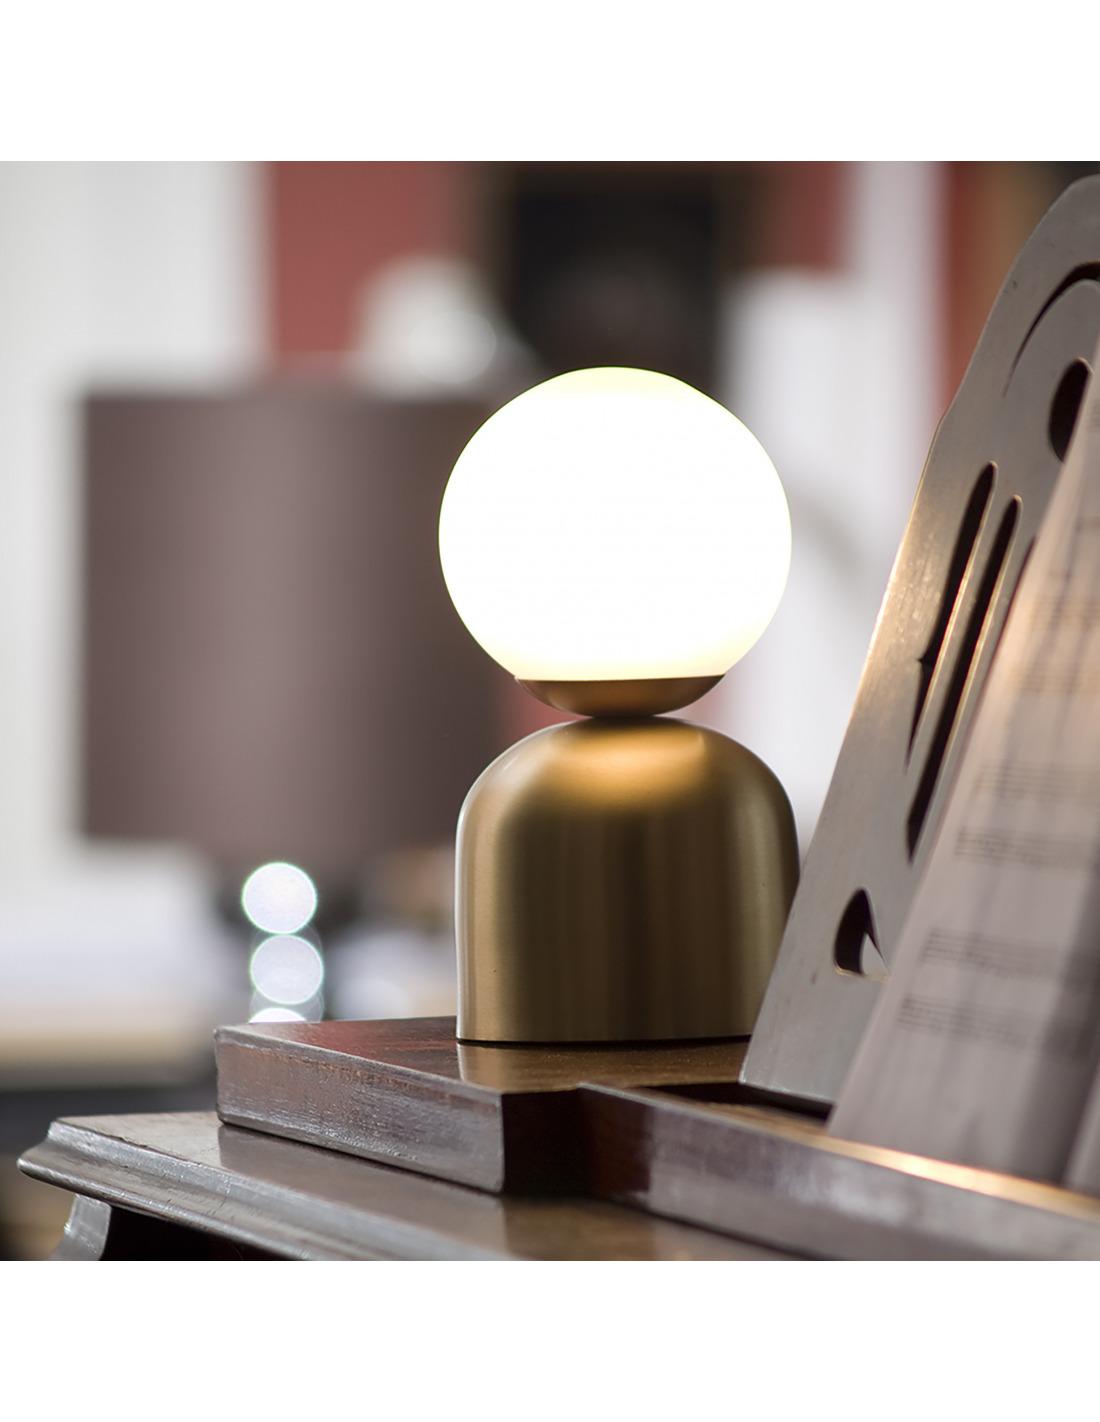 Lampe Poser Design Bonbon En Laiton Et Fil Rouge Au Design Chic Et L Gant Otoko